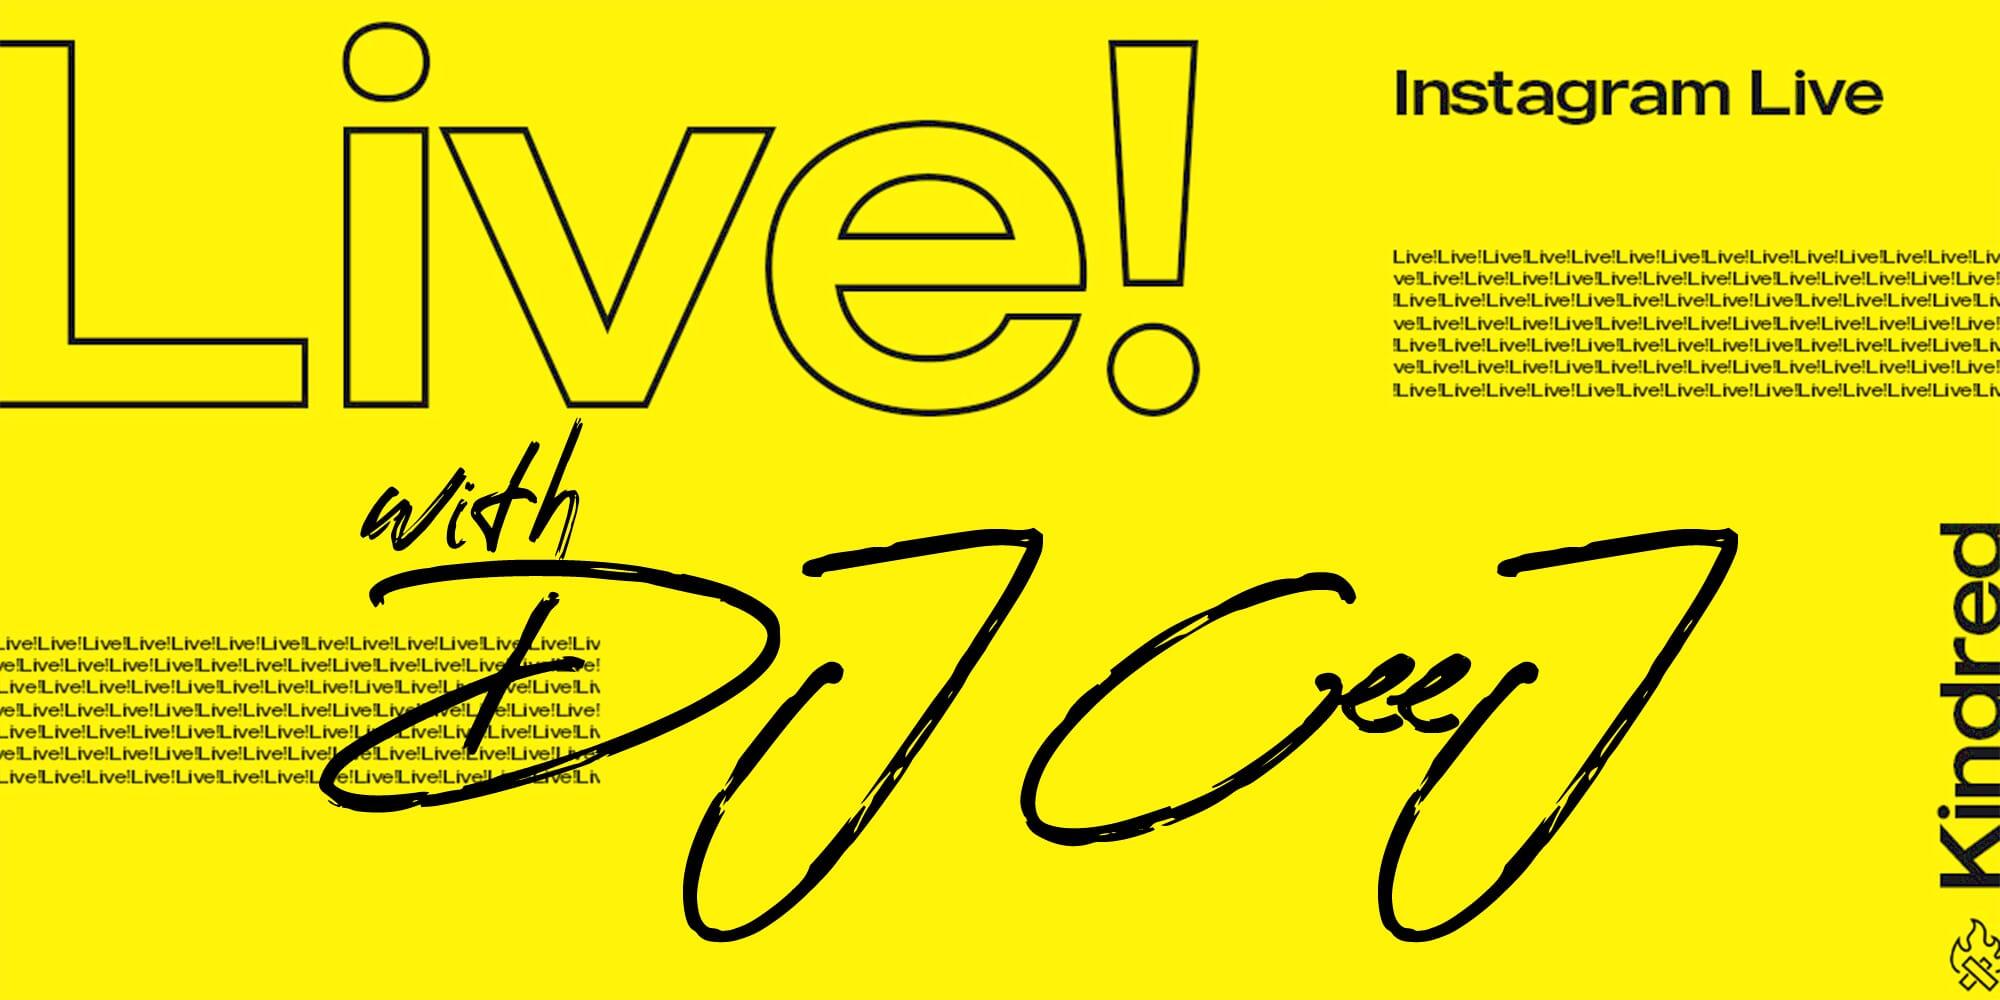 Live! IG DJCJ